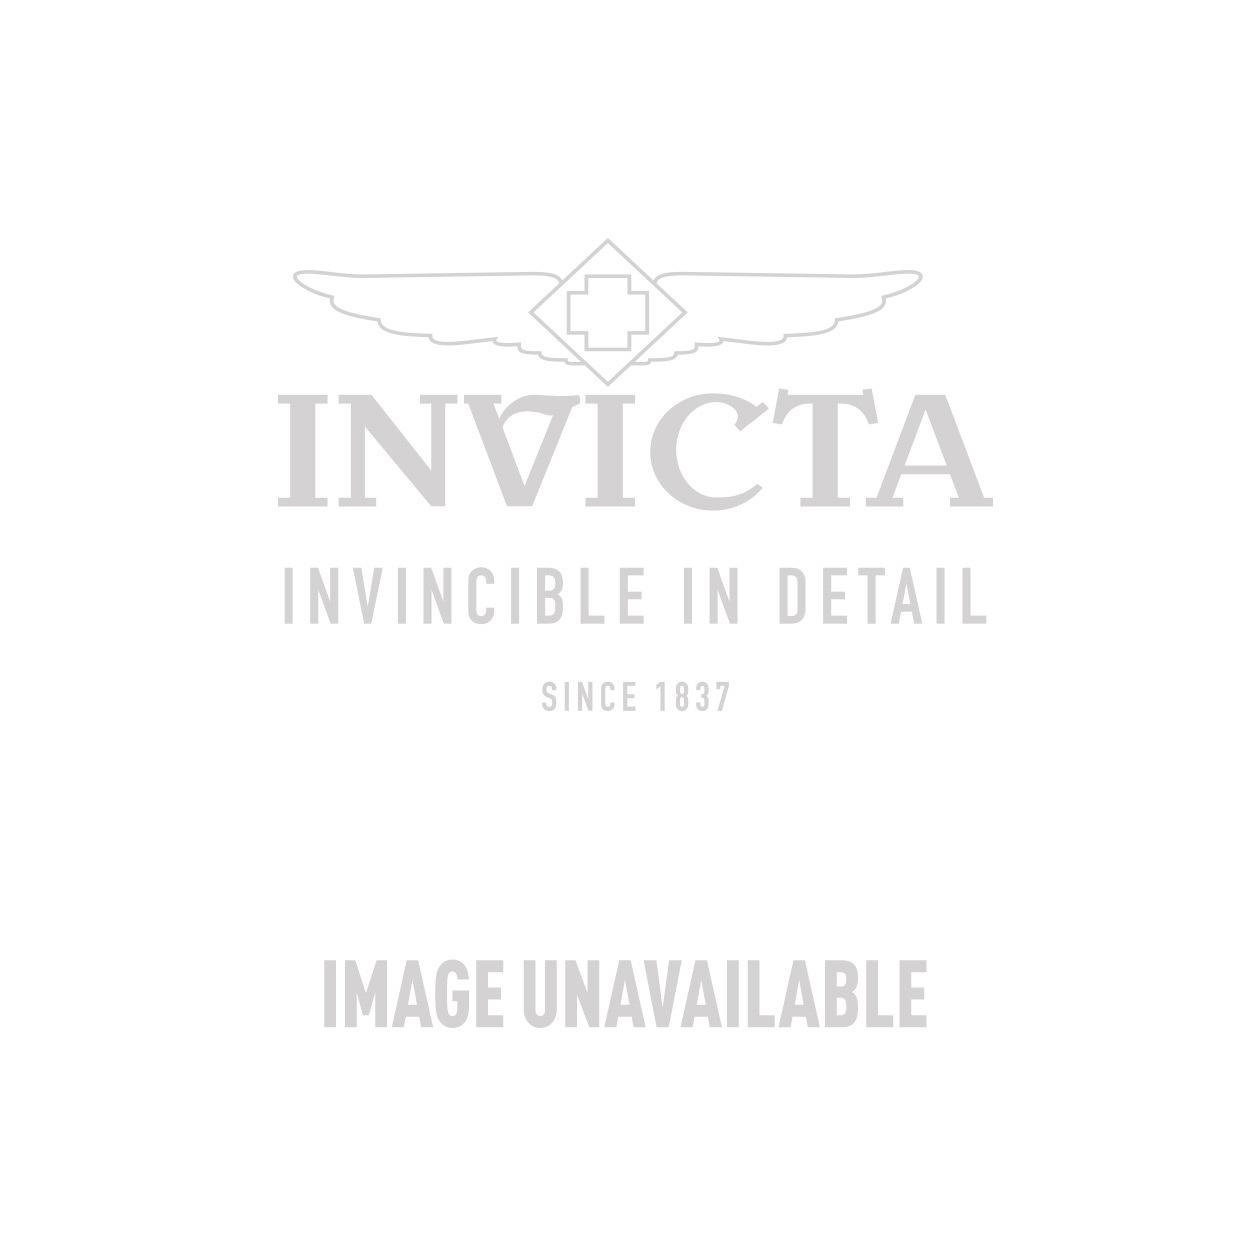 Invicta Model 27521